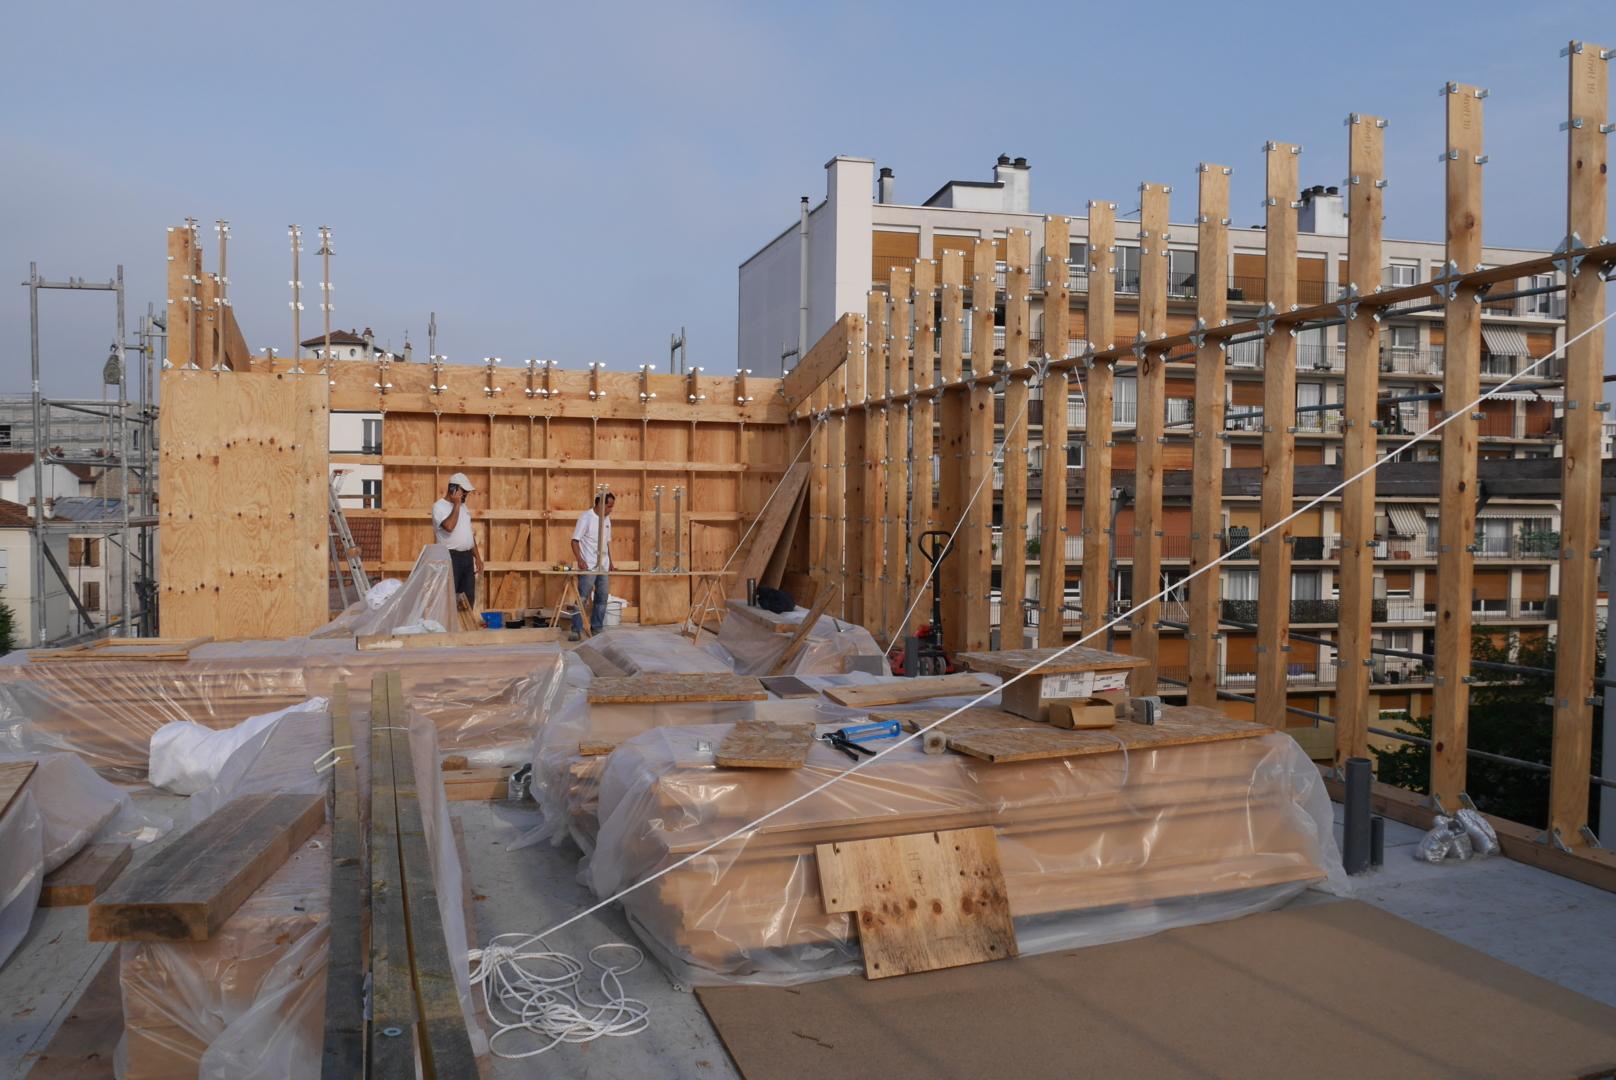 Montreuil surelevation construction bois architecte paris architecture BAM system laurent piron biotopes